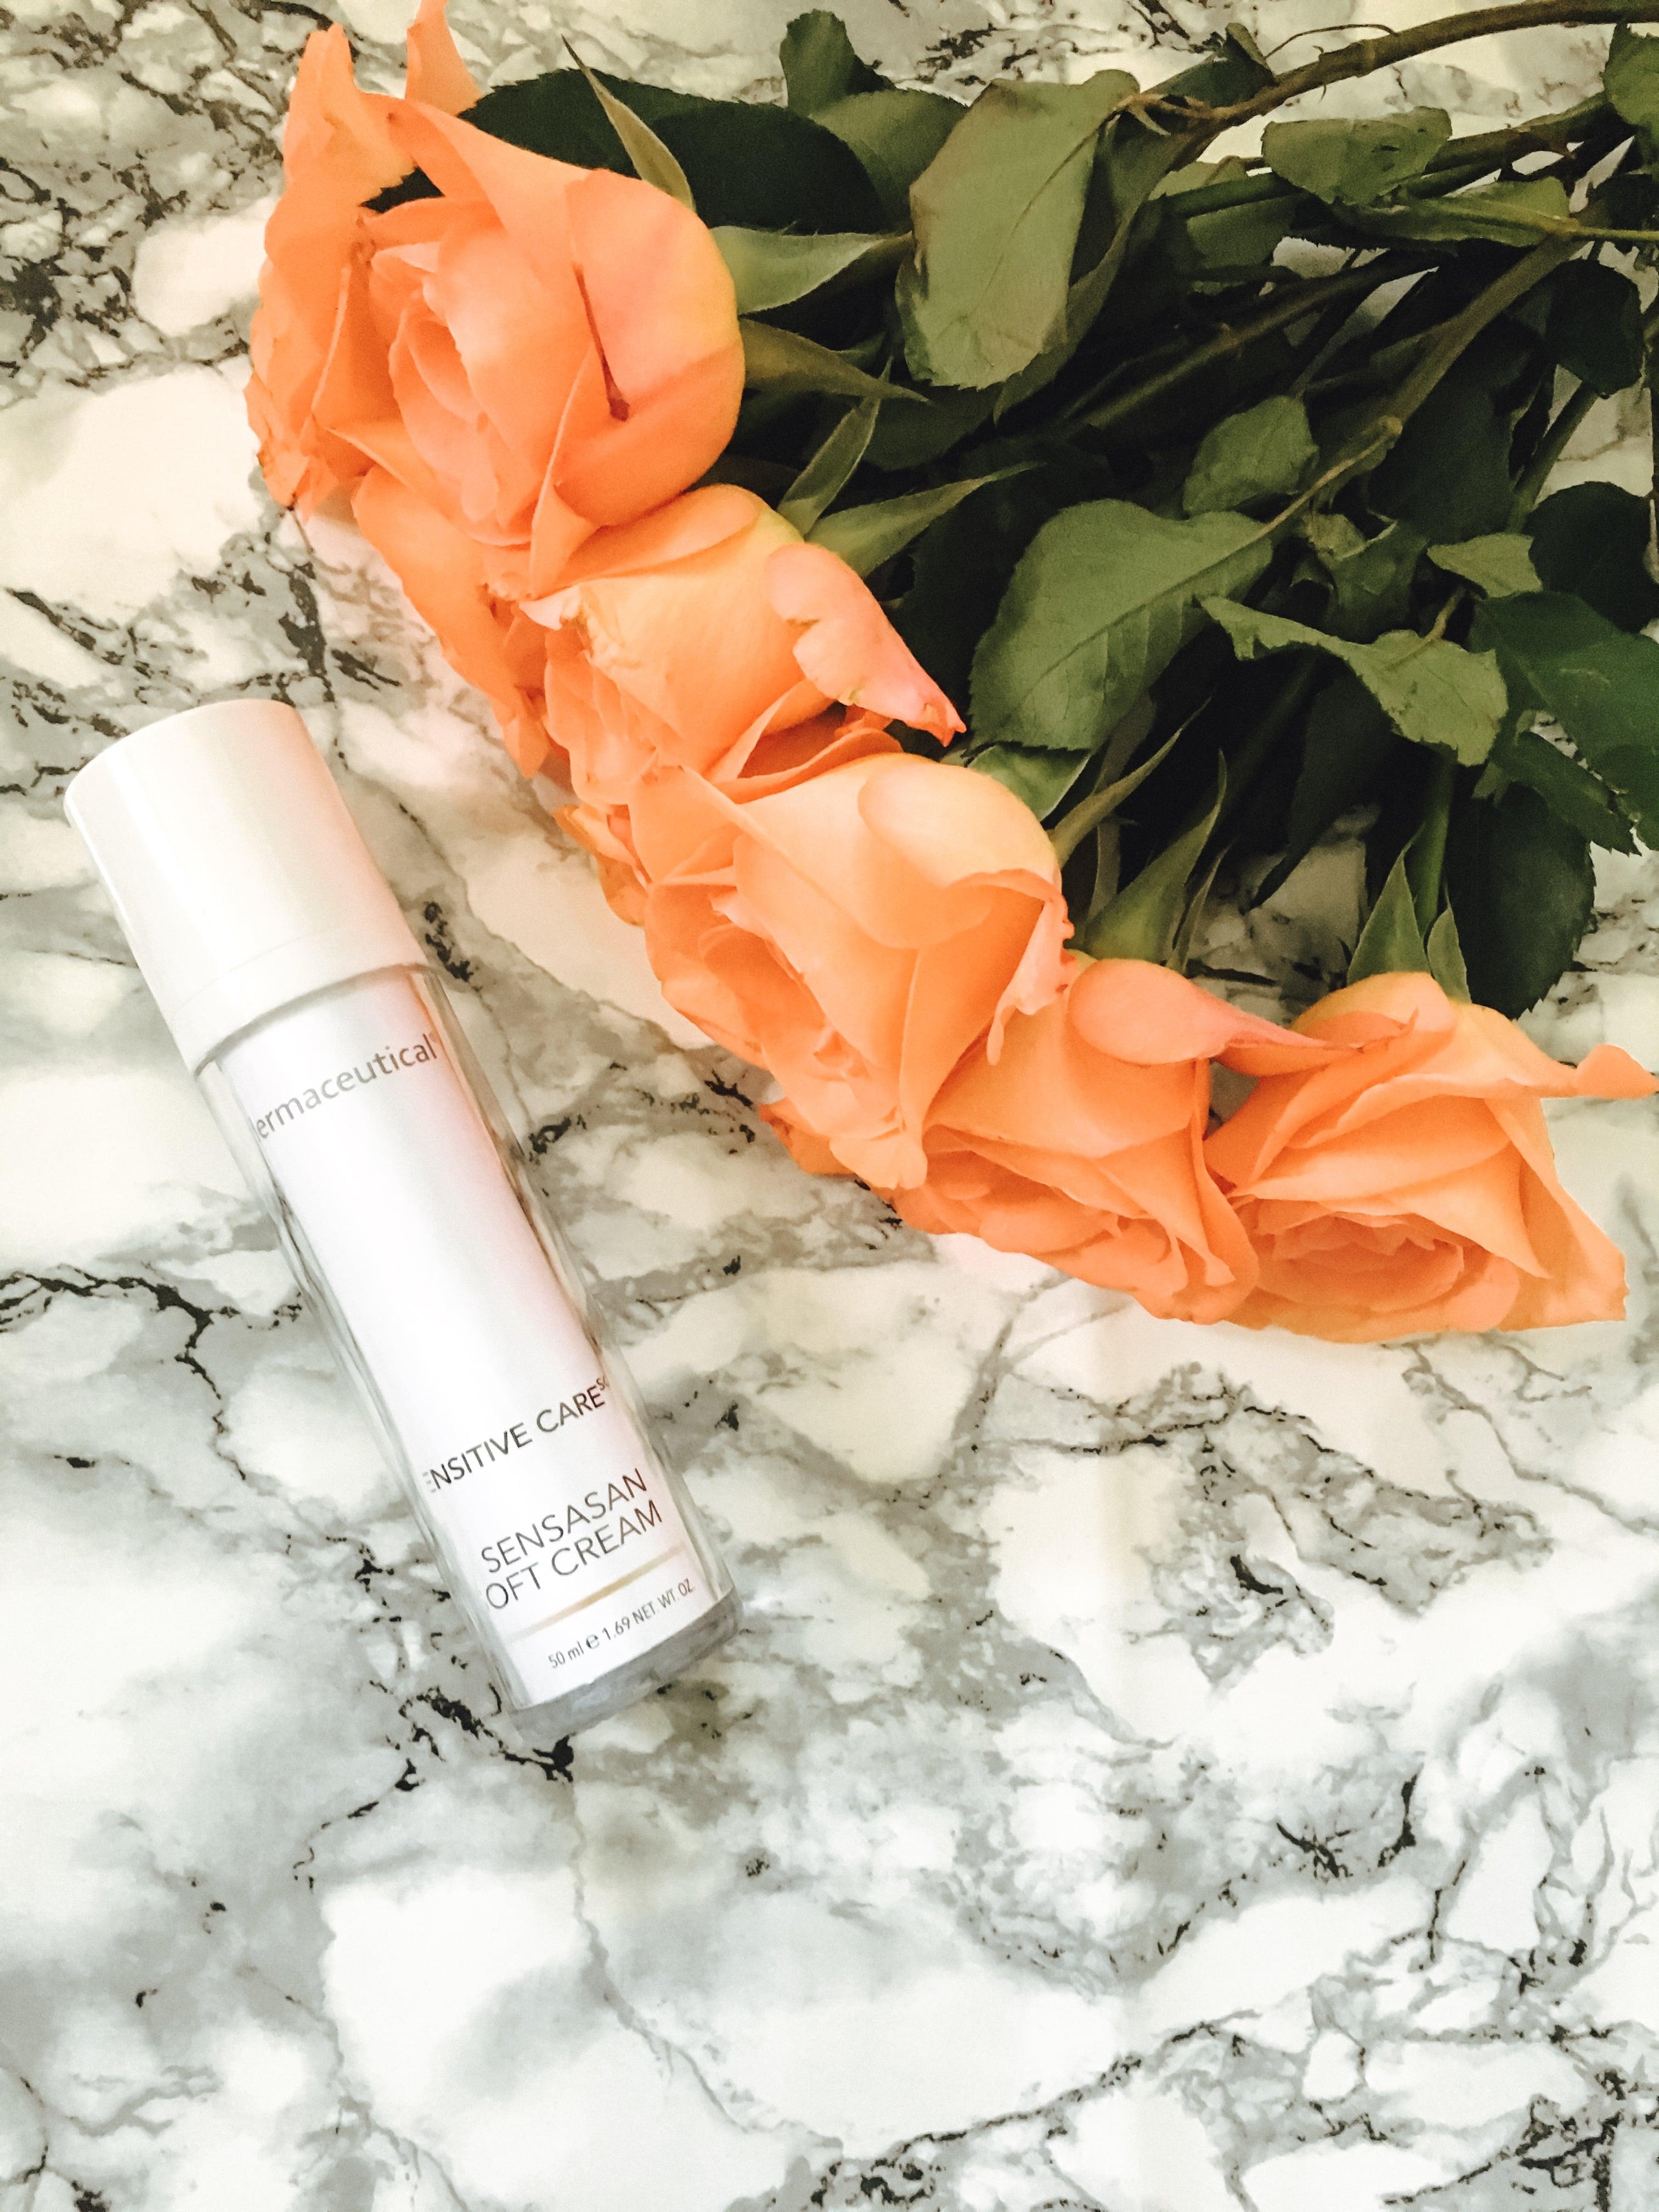 Die Firma dermaceutical stellt effektive Hautpflege für sensible Haut her, welche vegan und freu von Parabenen und Silikonen ist. Heute zeige ich die Marke